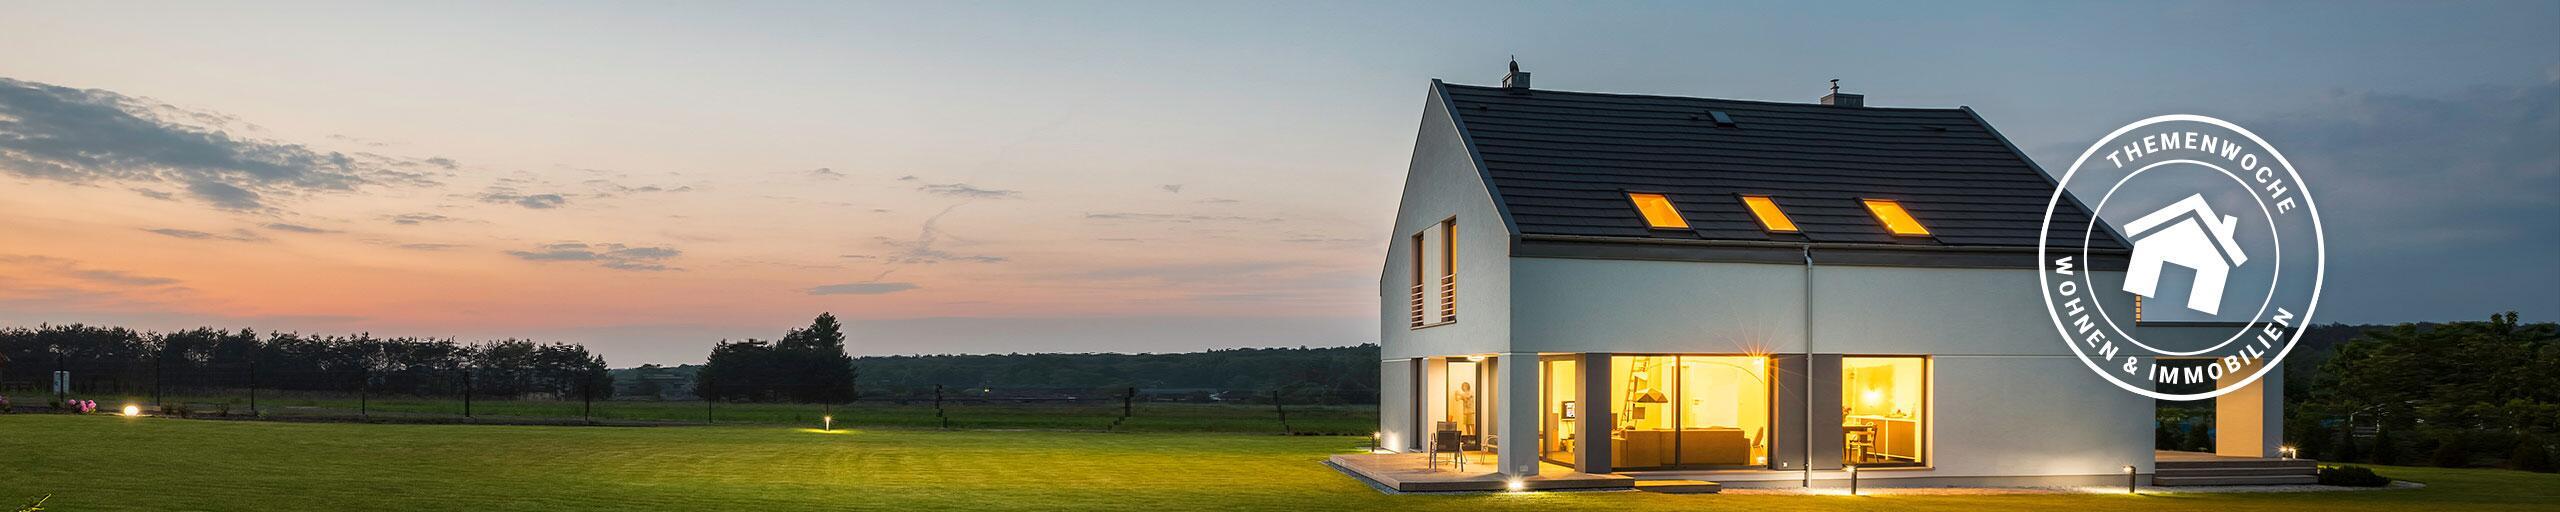 Bild zu Wohnen und Immobilien - Symbolbild